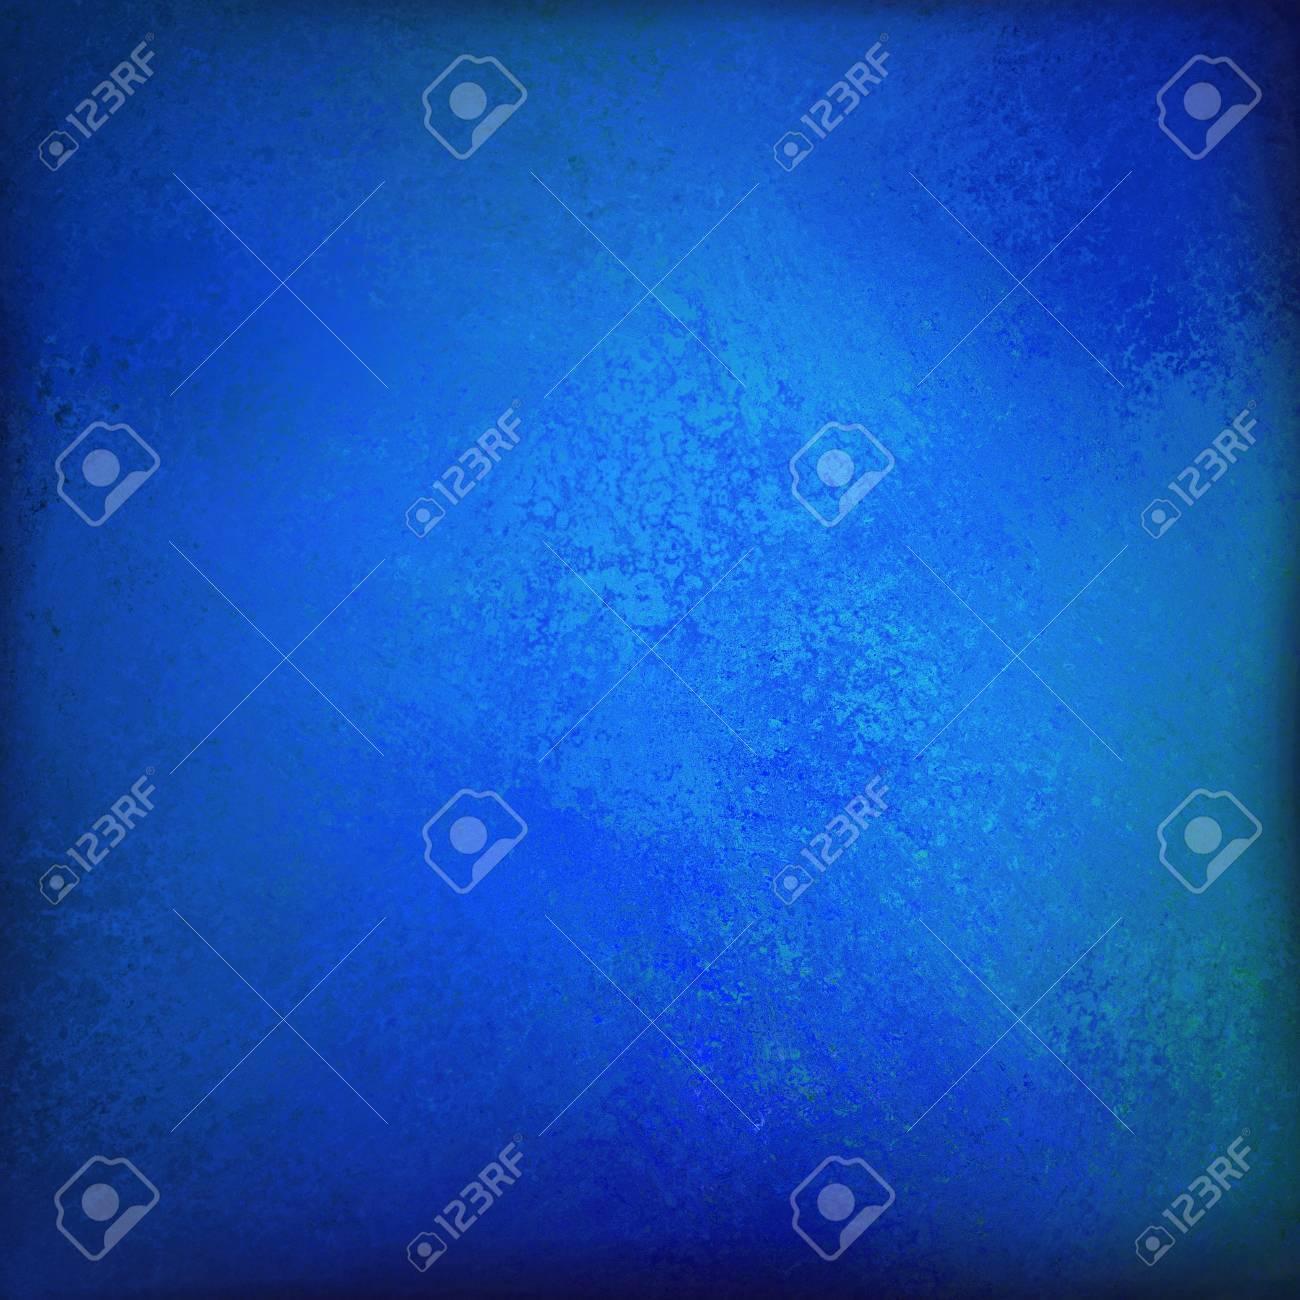 blue background Stock Photo - 21732774